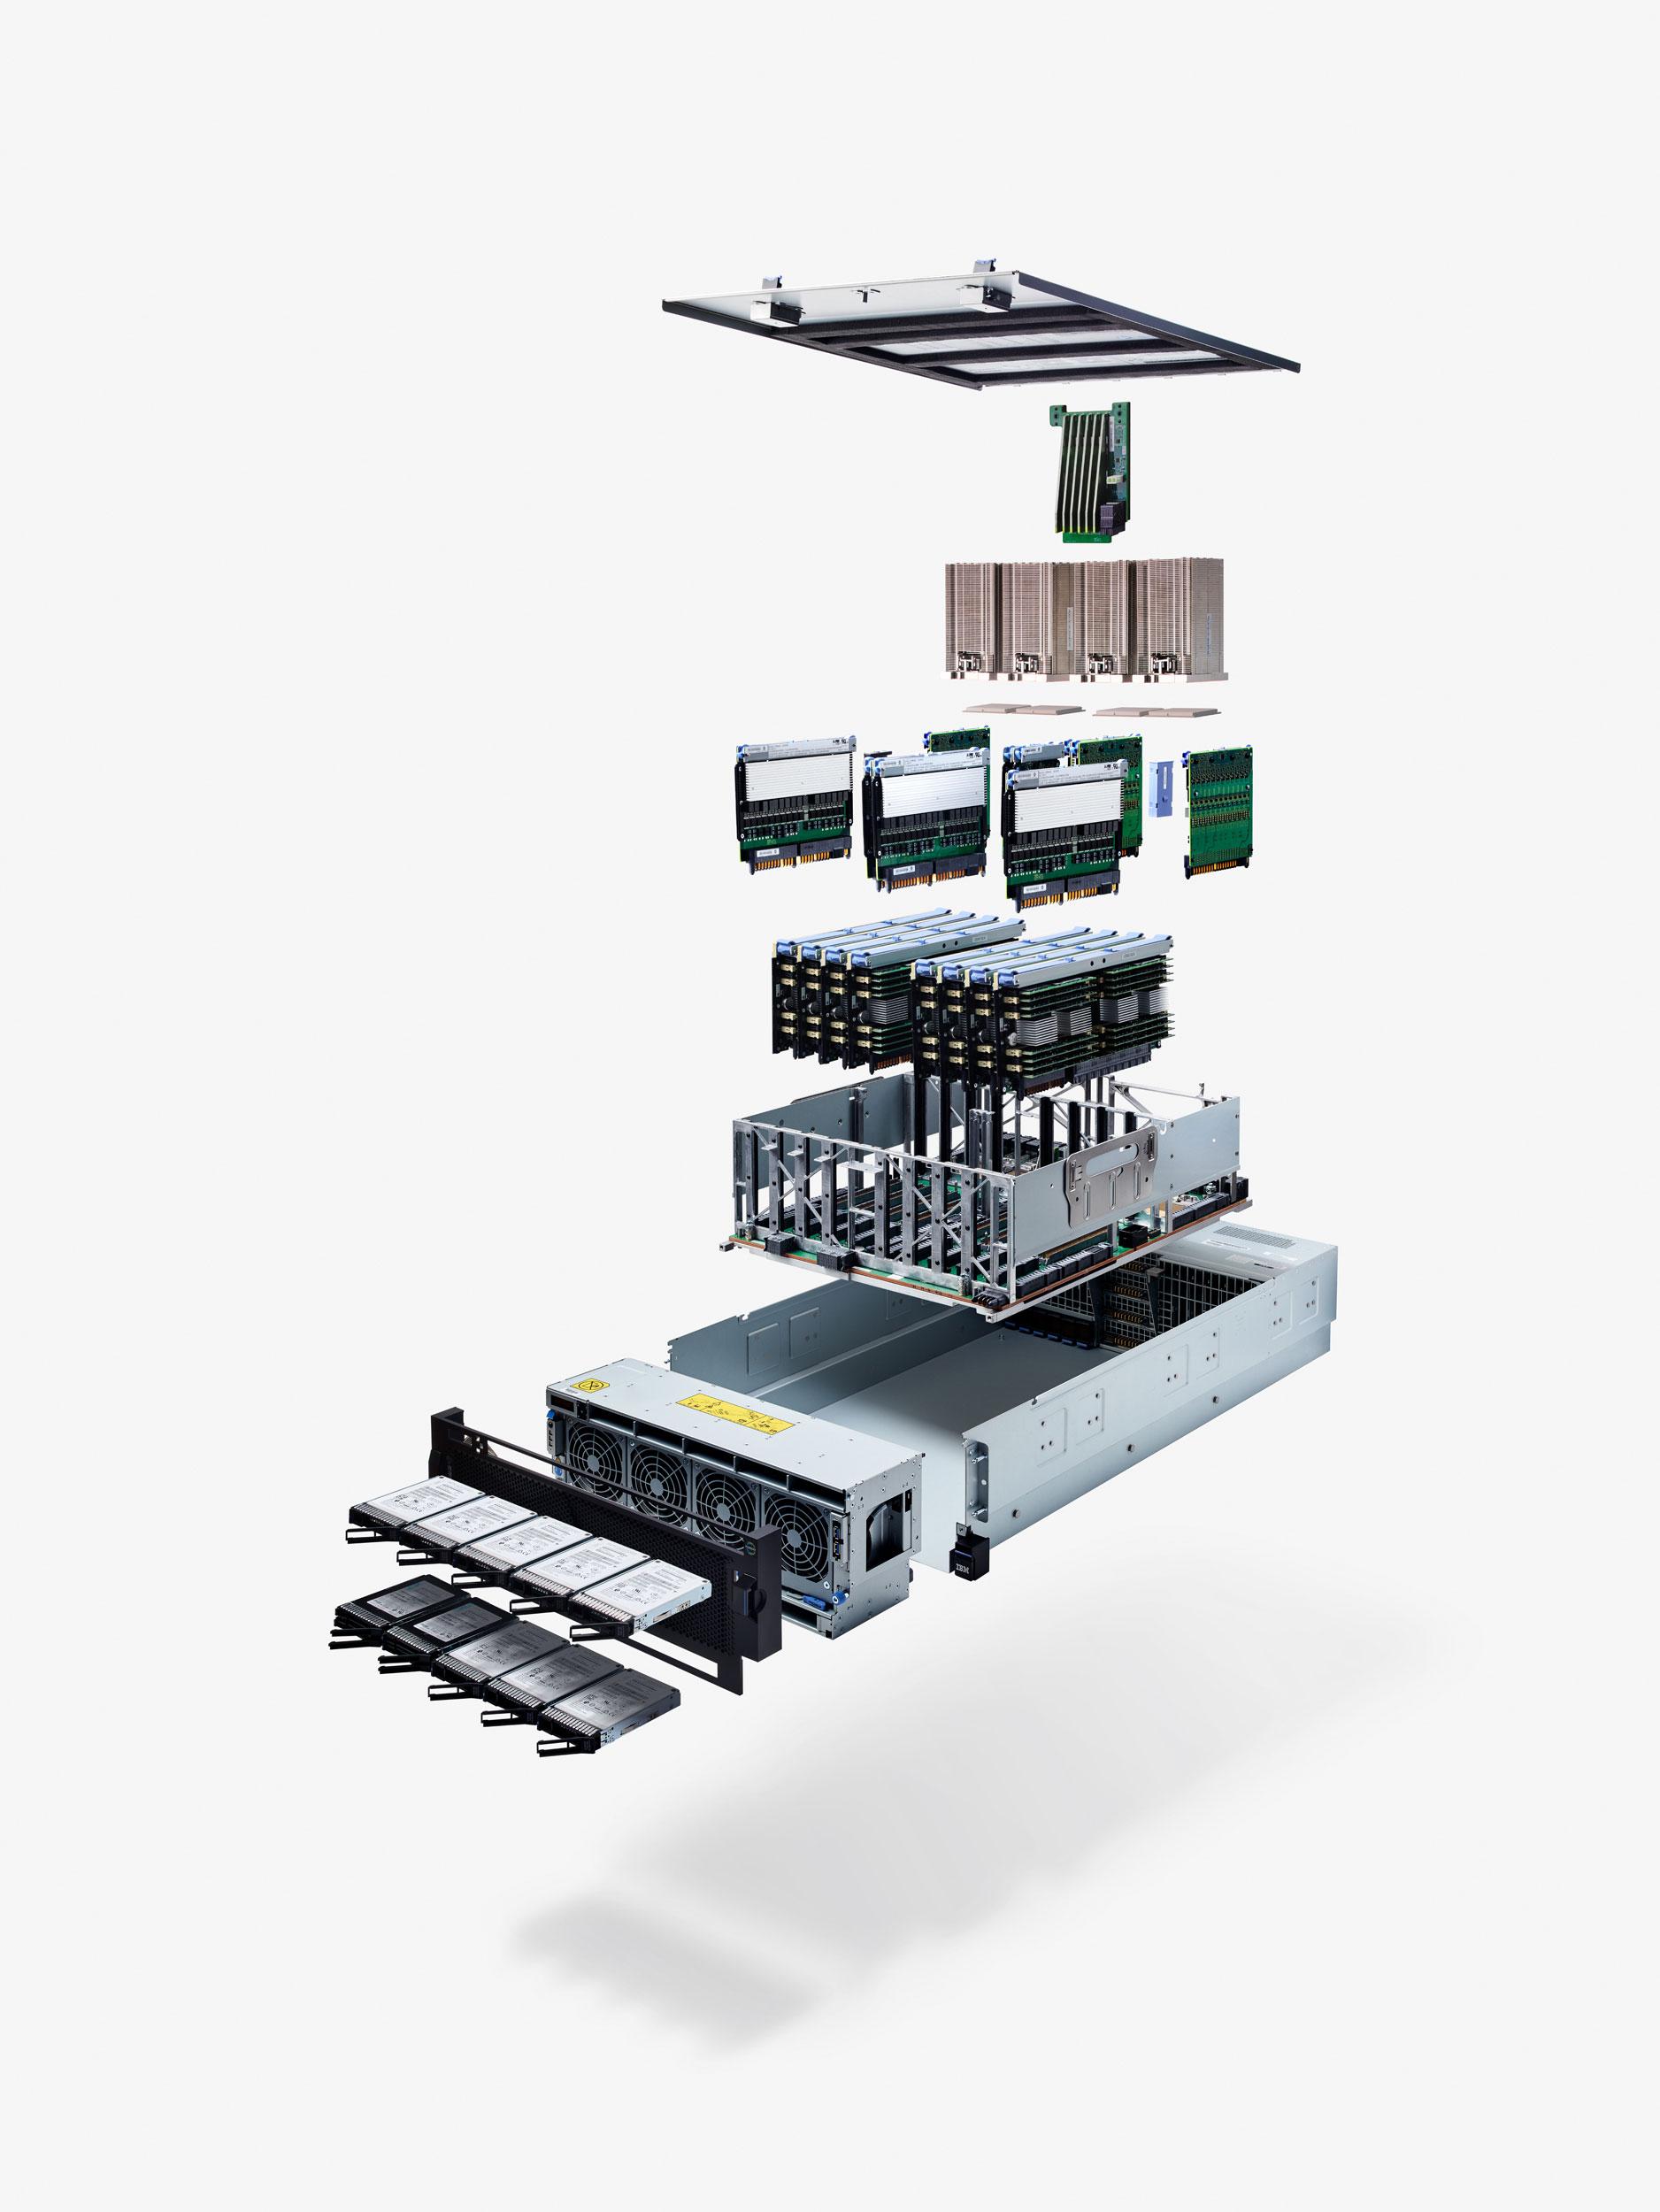 IBM Power System E950, 2018